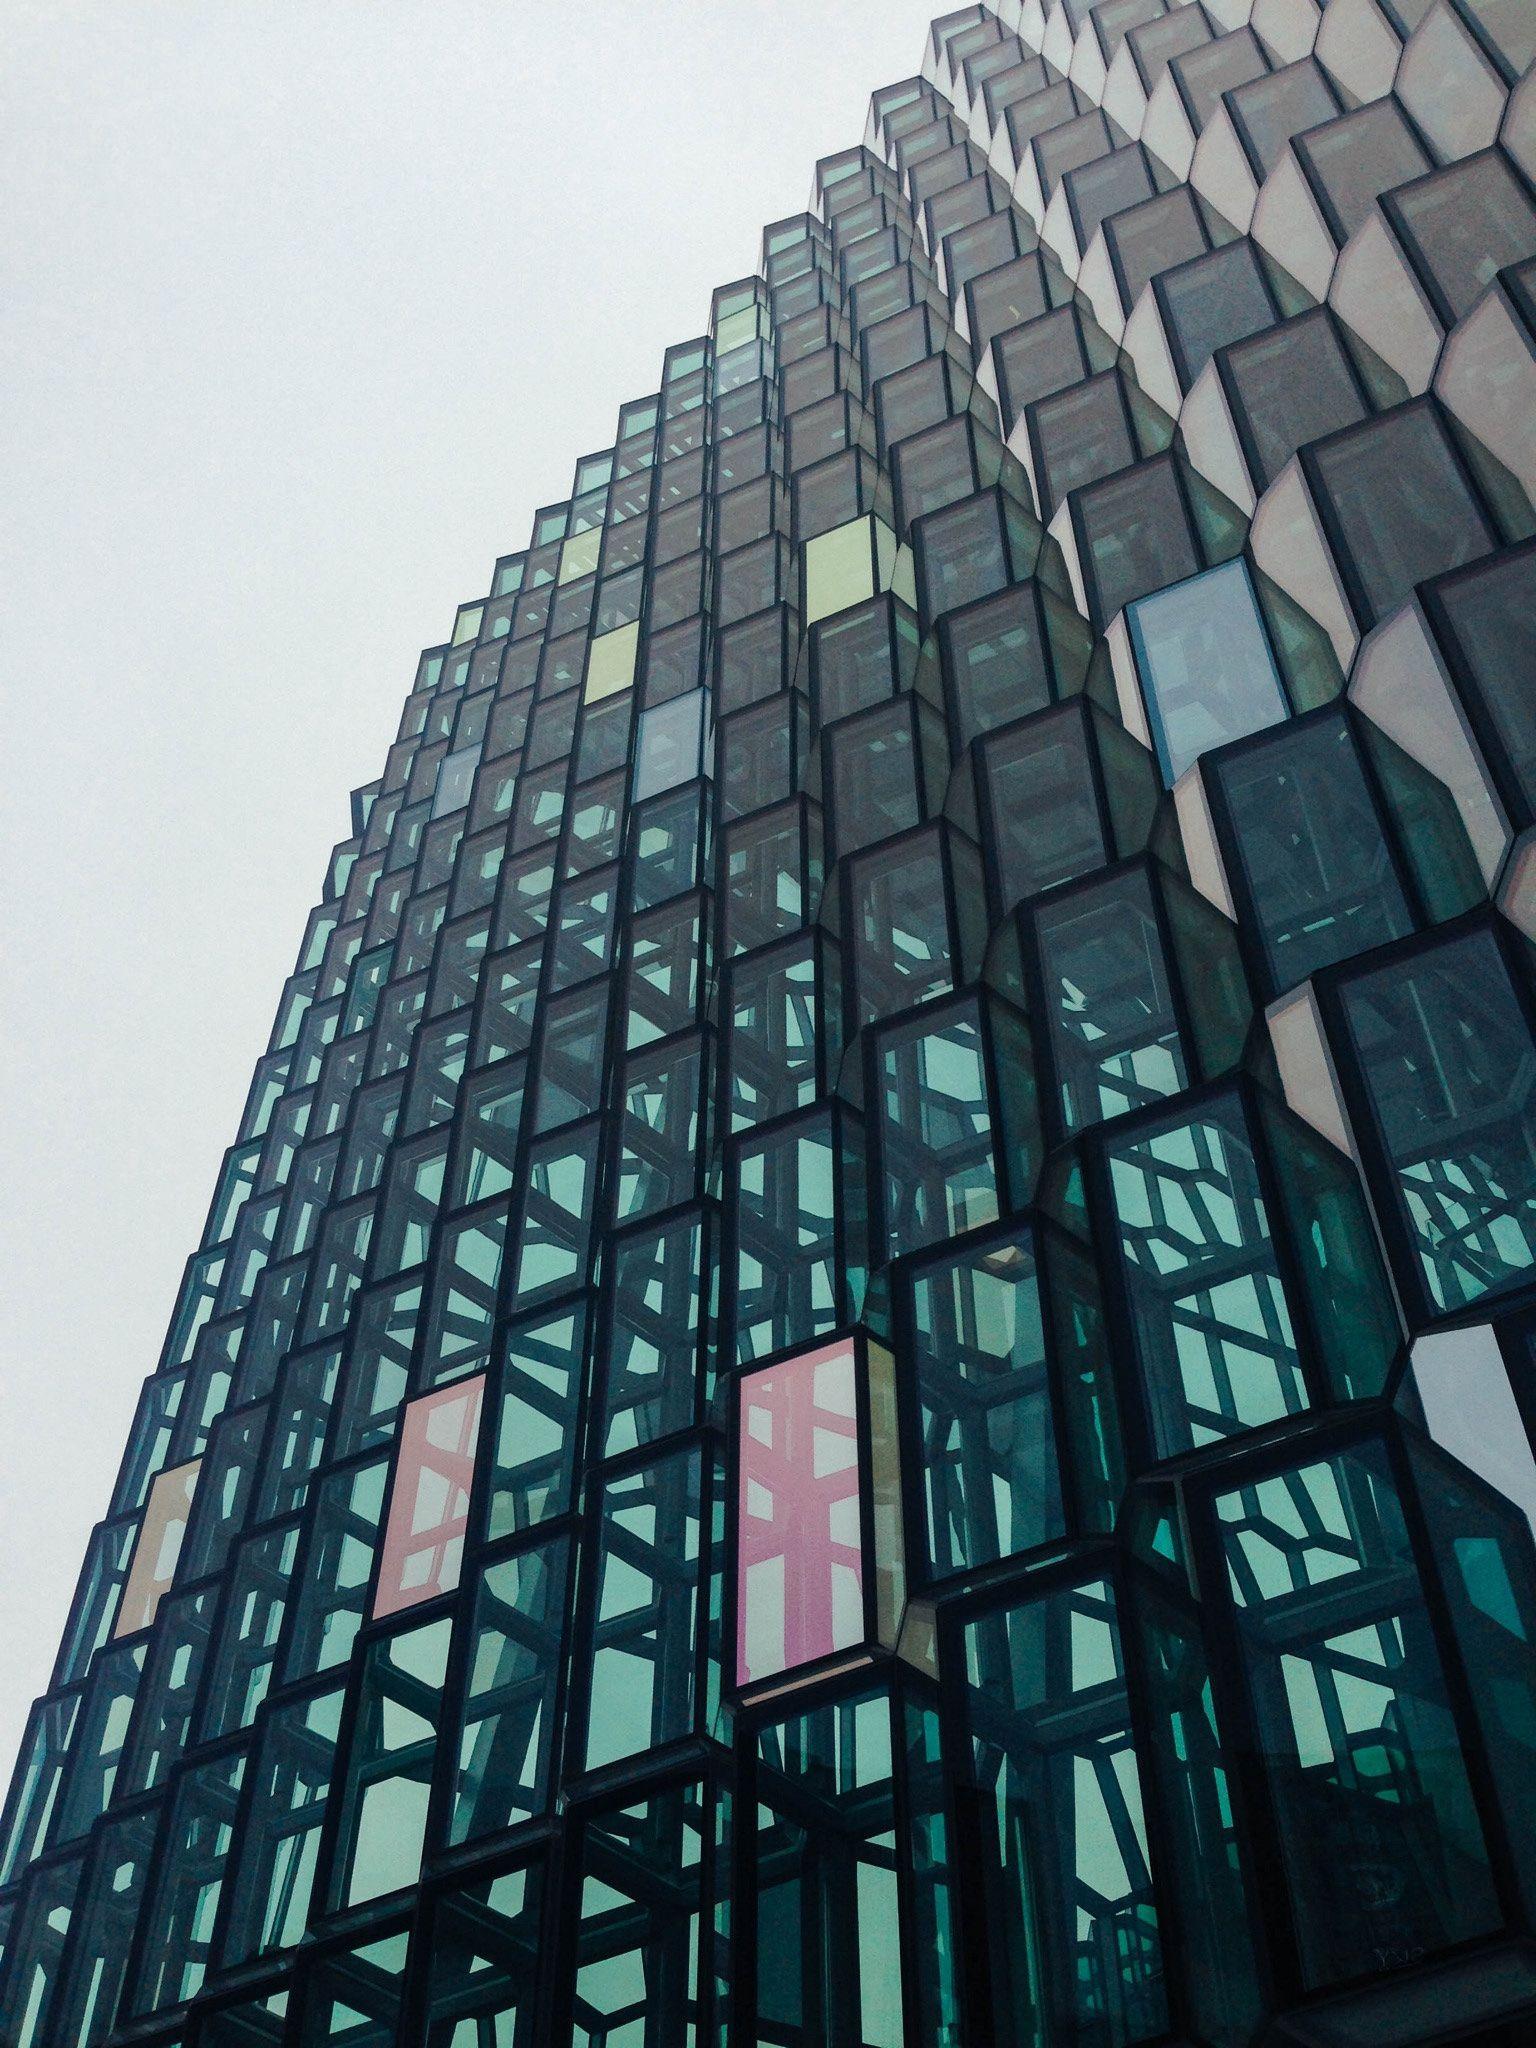 Classy Bro Architecture Images Amazing Architecture Olafur Eliasson